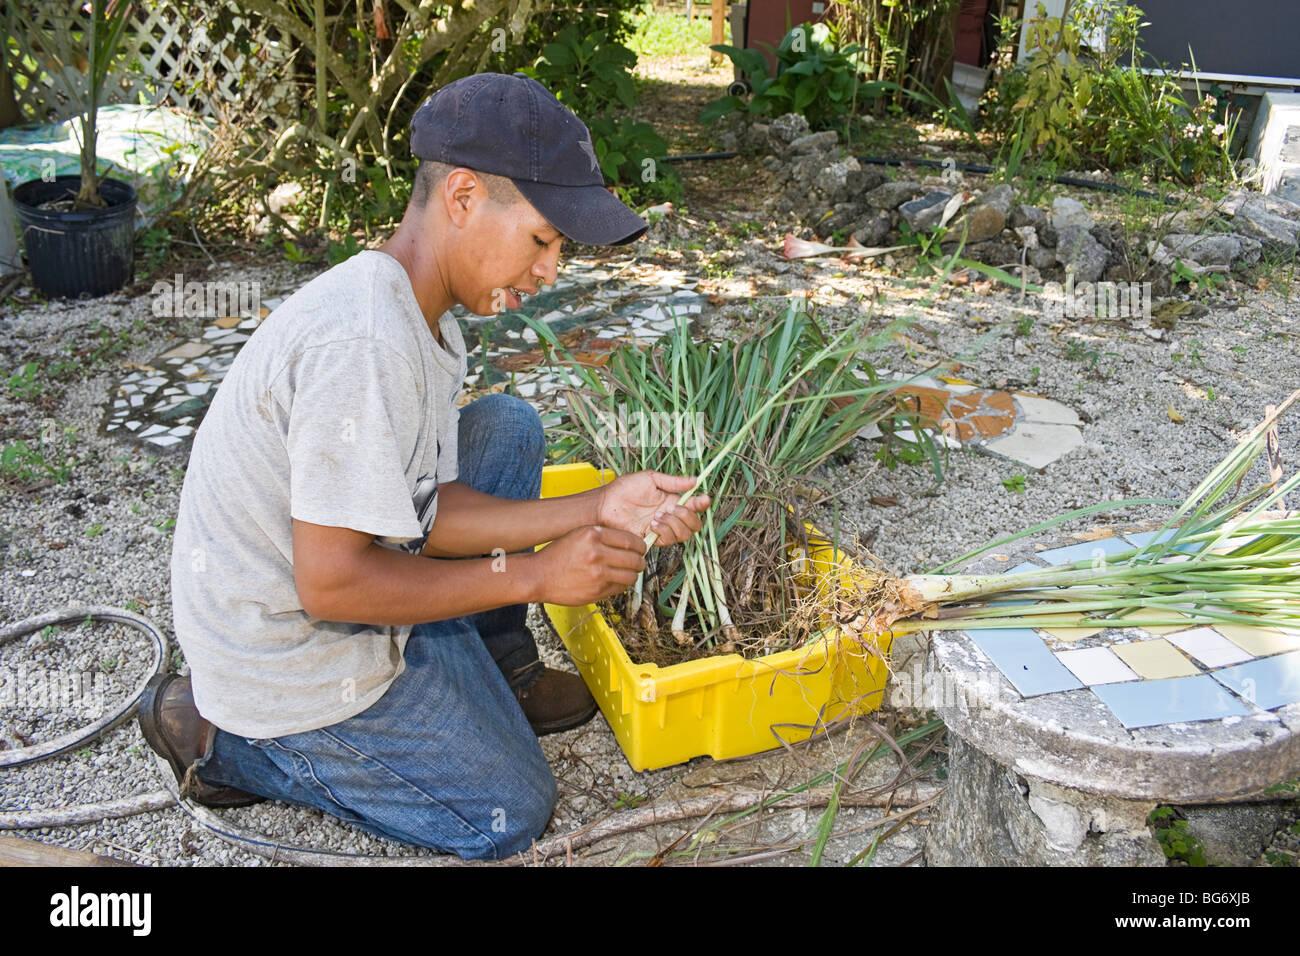 Lavoratore separa lemon grass su CSA (comunità supportato agricoltura) fattoria per la Redland area a sud di Immagini Stock